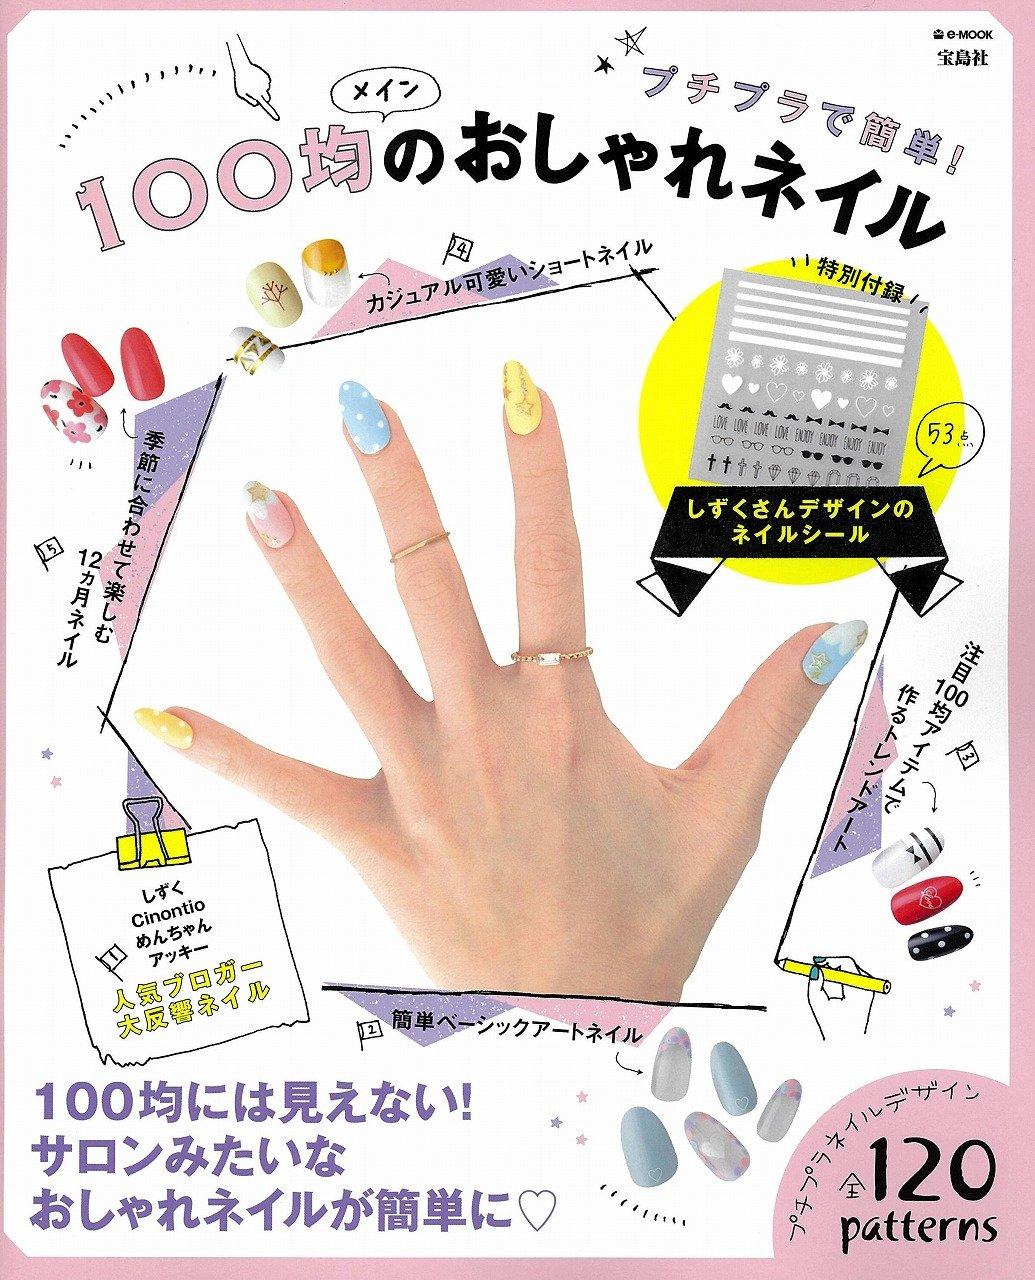 100均メインのおしゃれネイル【ネイルシール付き】